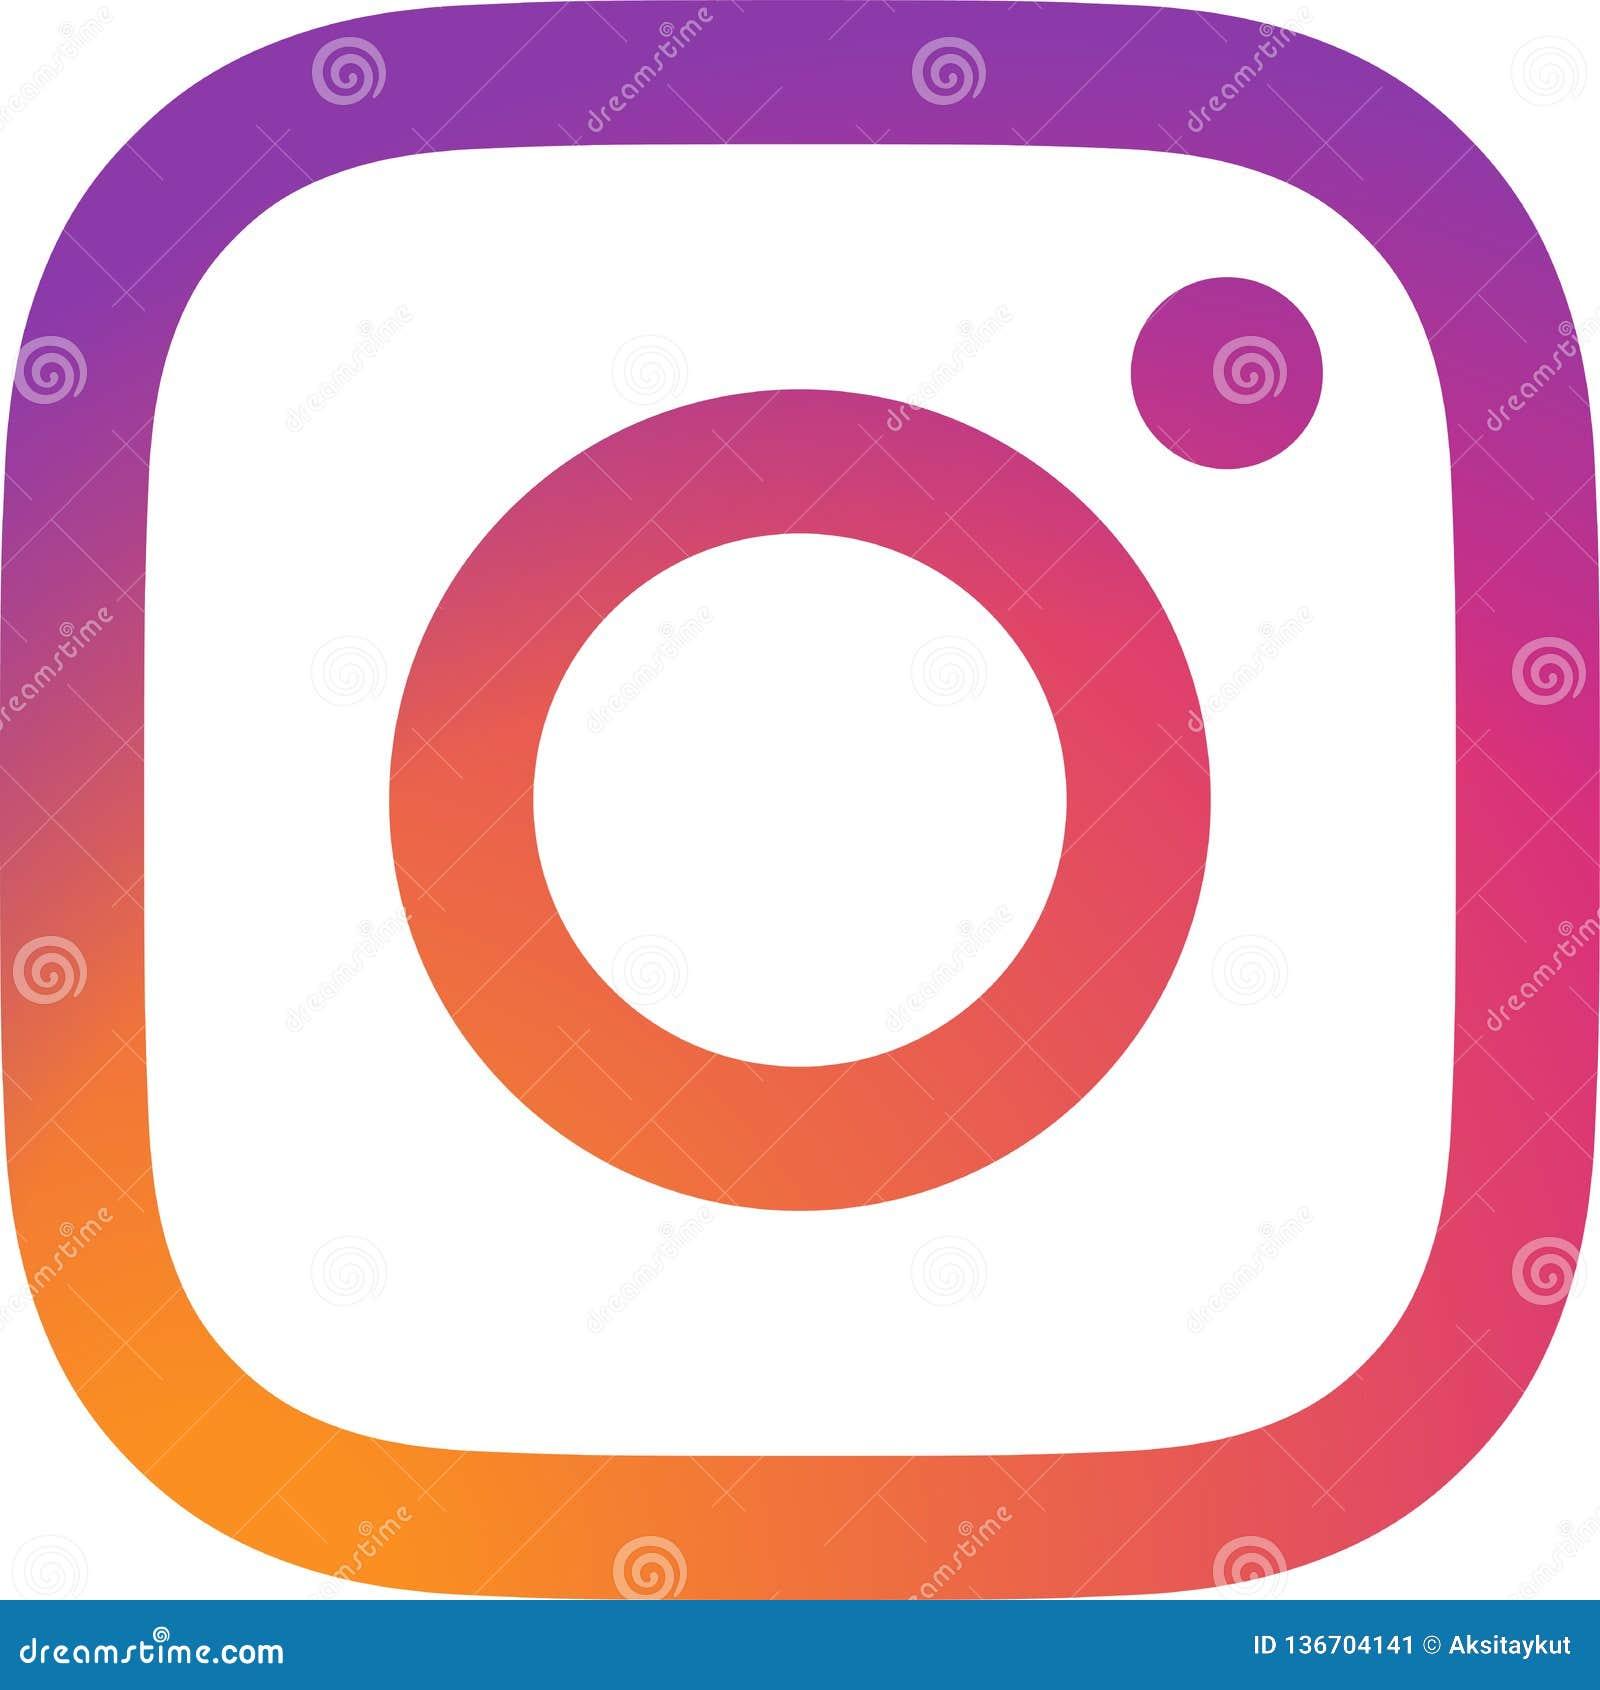 Vector Illustration Instagram: Instagram Logo Vector Editorial Photo